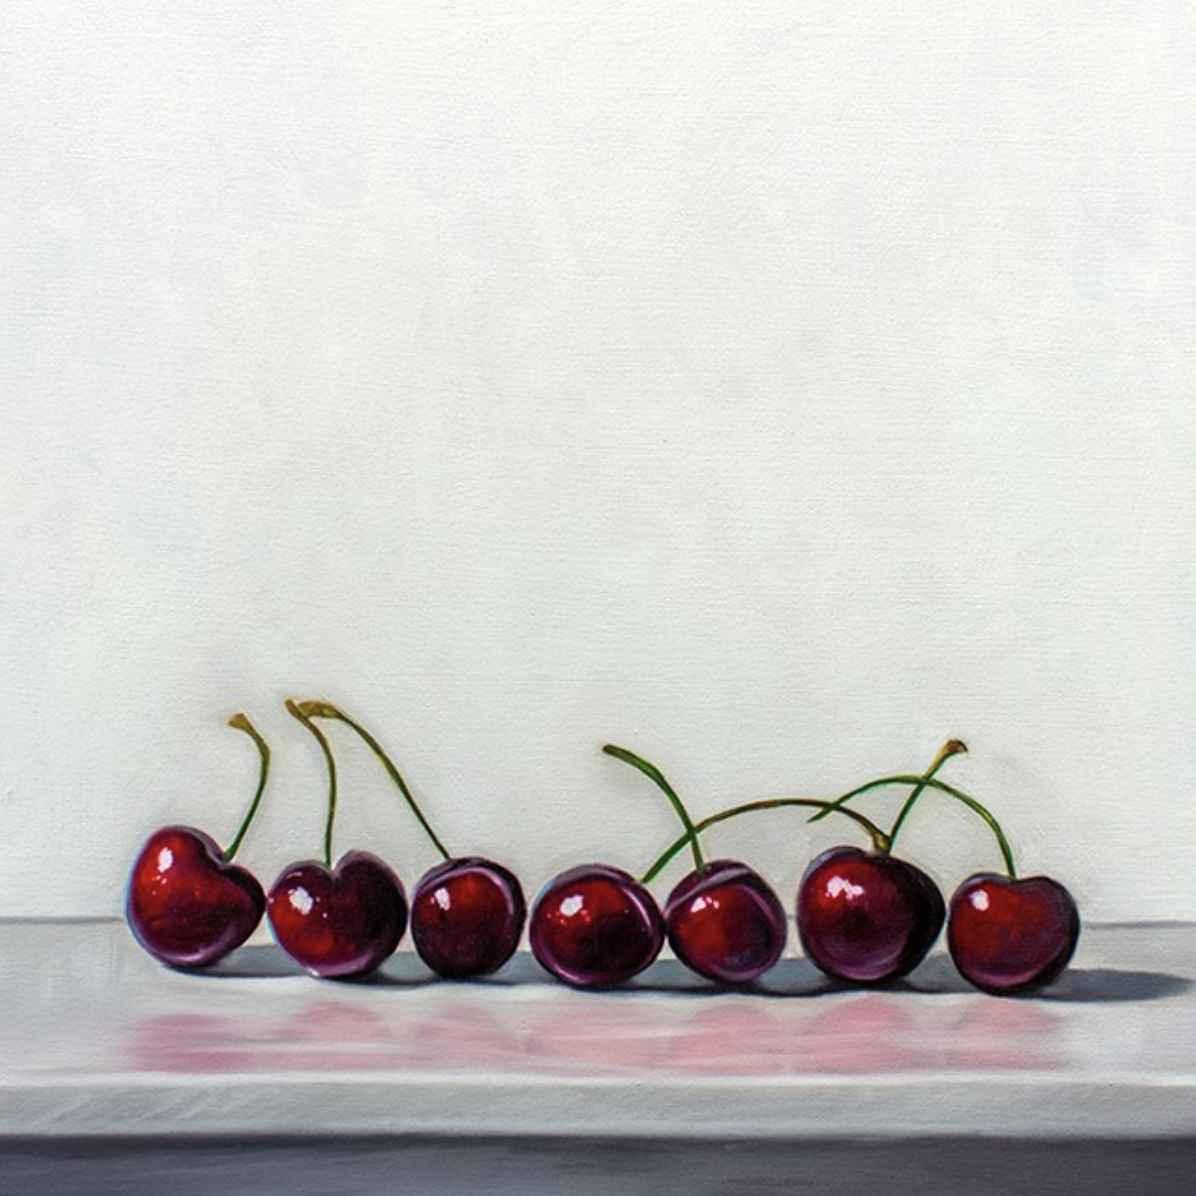 Cherry Line Up